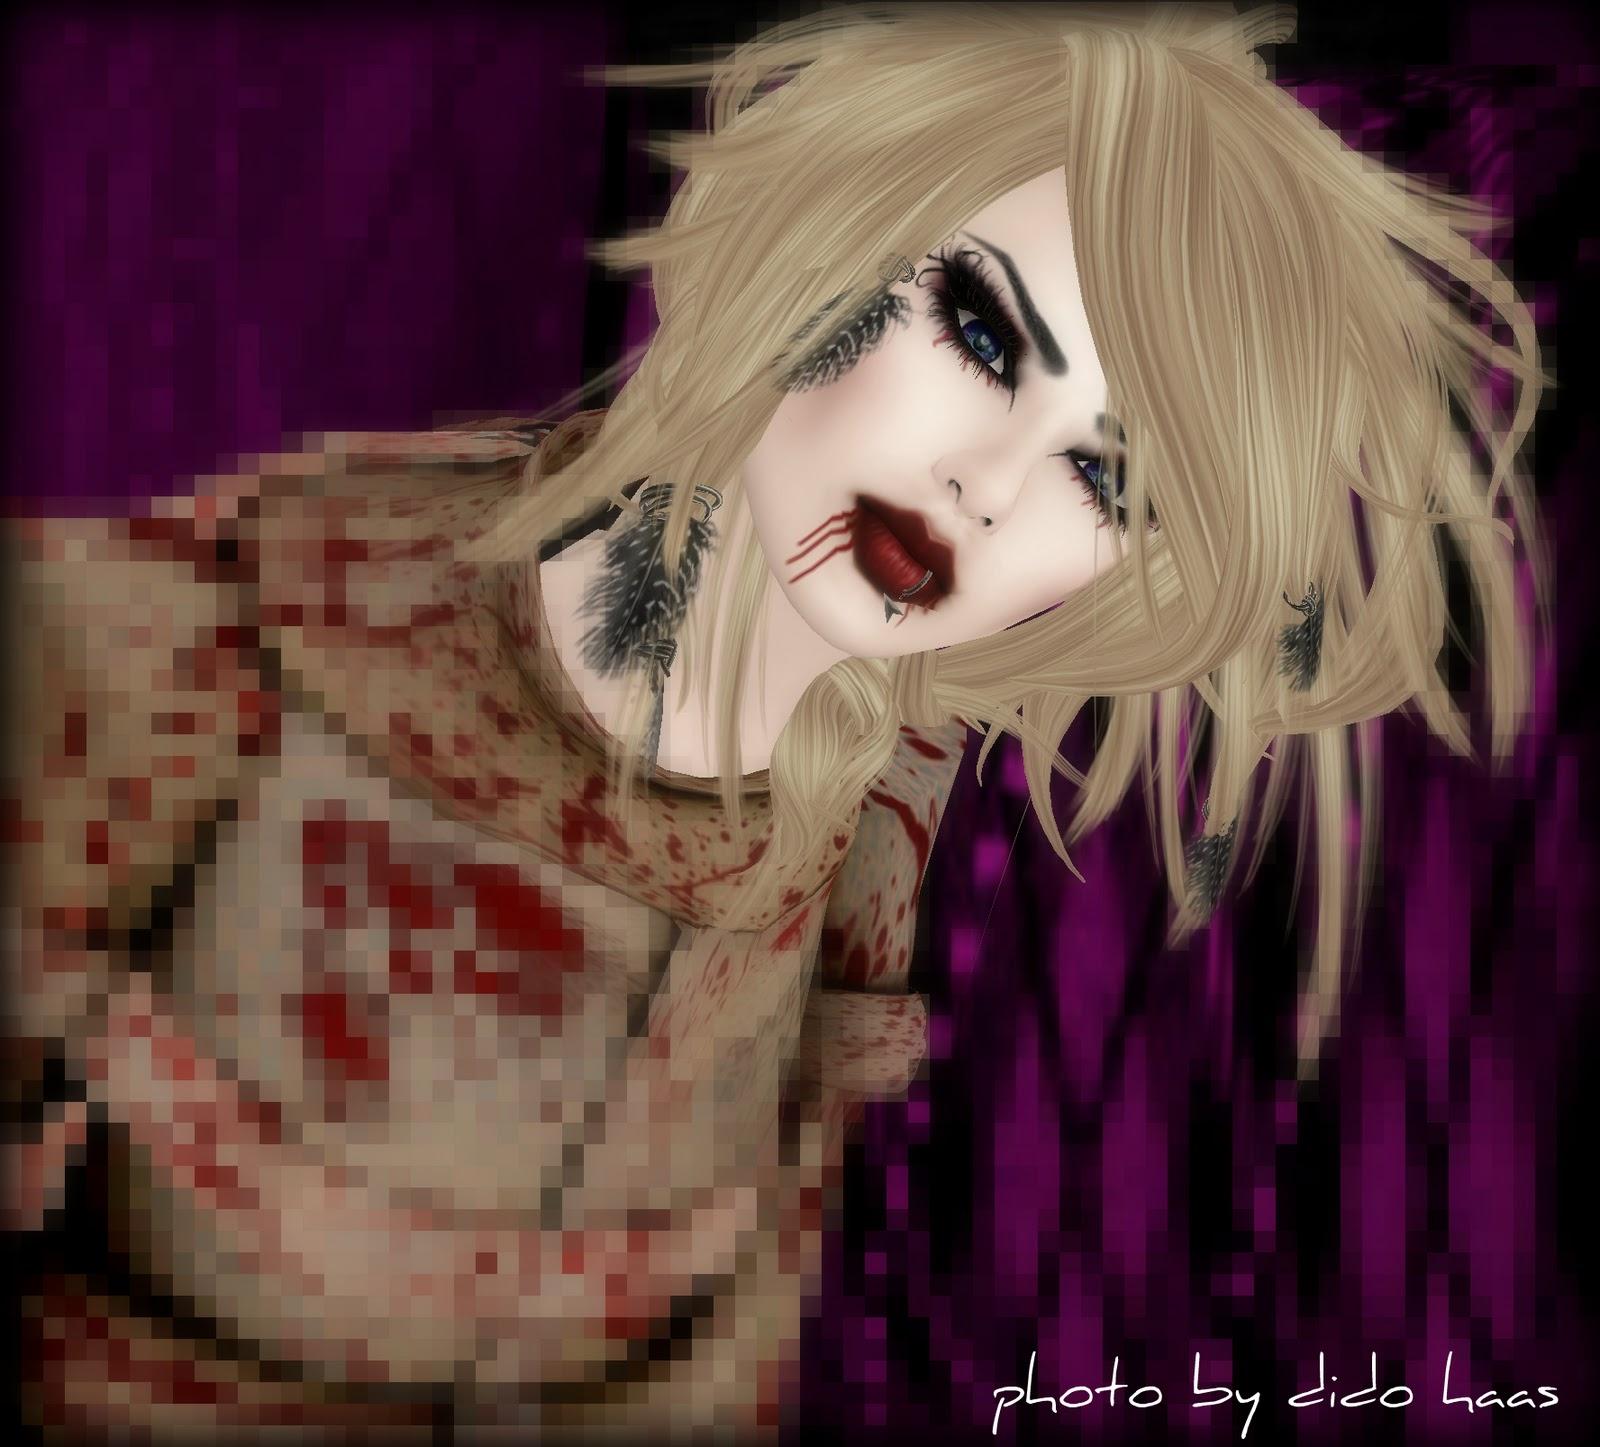 http://4.bp.blogspot.com/-wvHQbKNNYJw/Tq5PPm_3FwI/AAAAAAAAFpw/flVhtusZw98/s1600/halloween+face.jpg